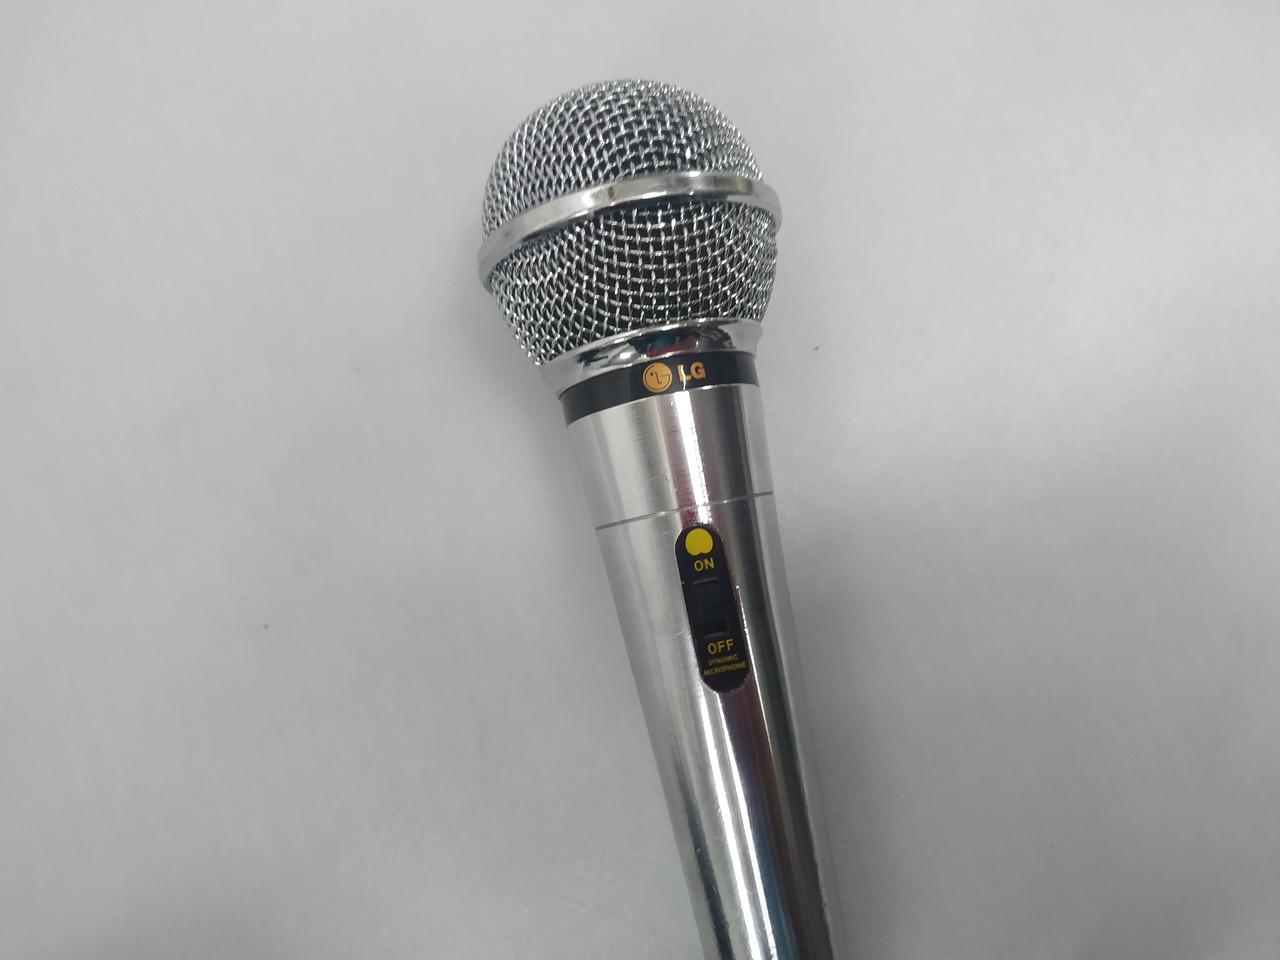 Динамический микрофон LG IMP 600 модель JHC-1 для систем с караоке